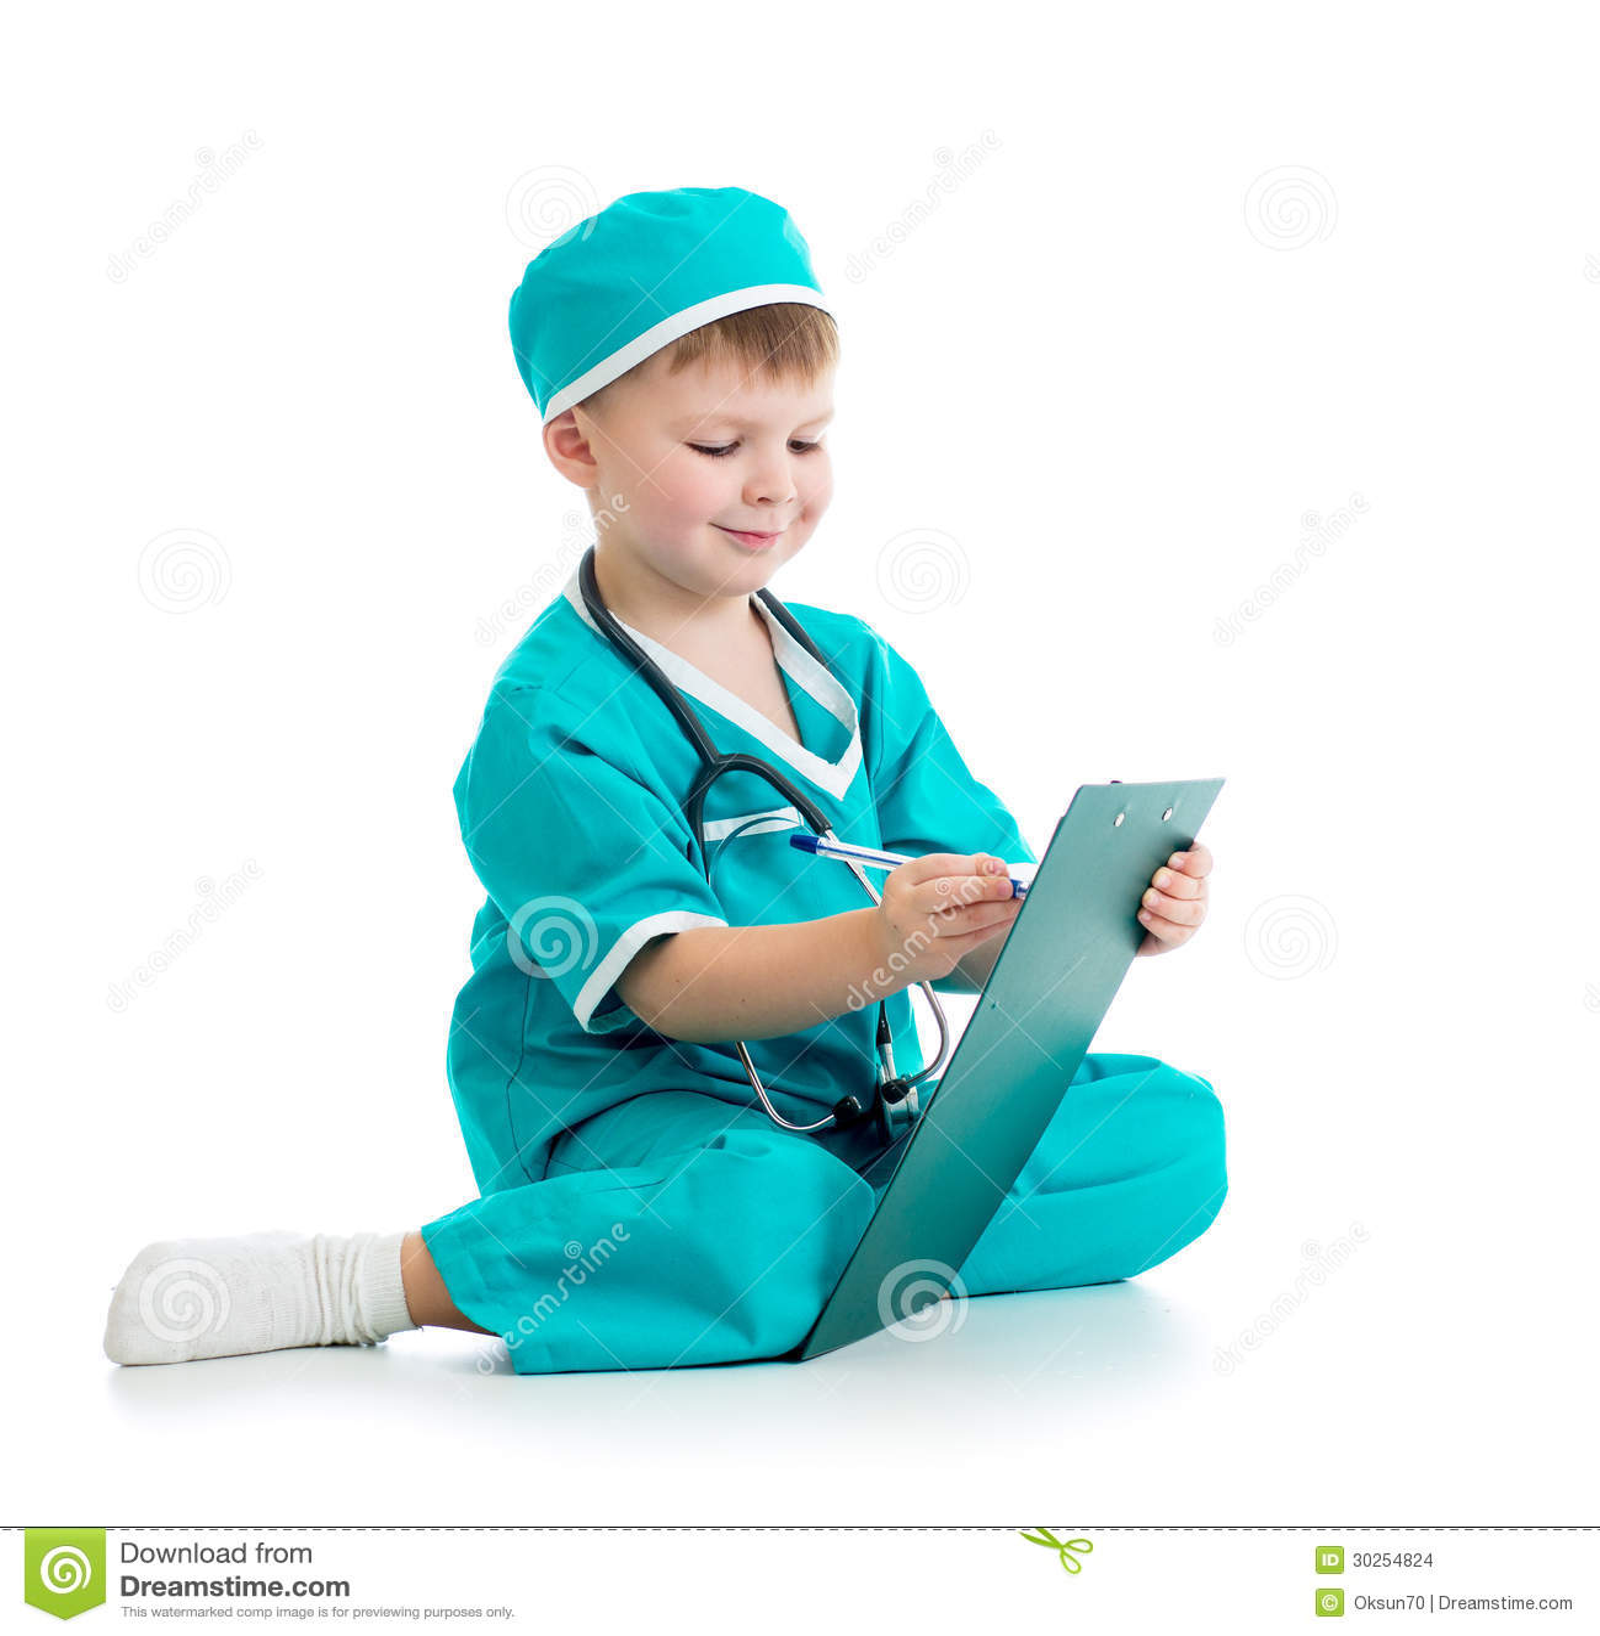 Doctor essay for children